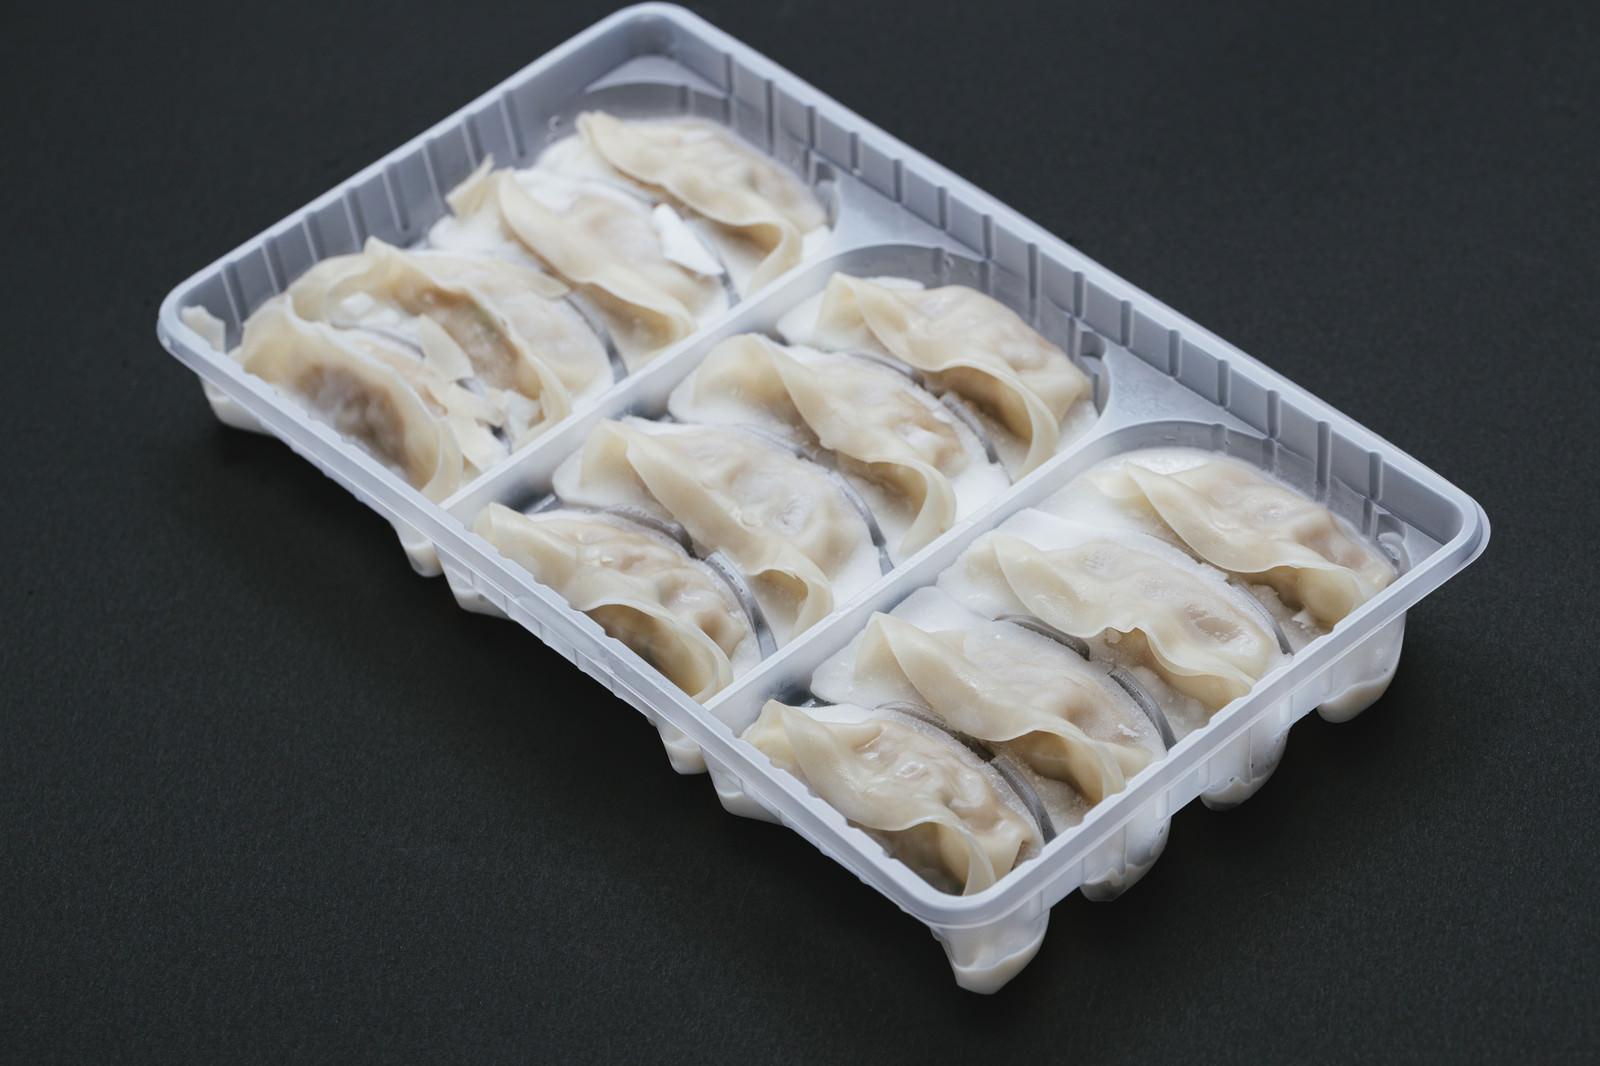 「調理前の冷凍餃子」の写真